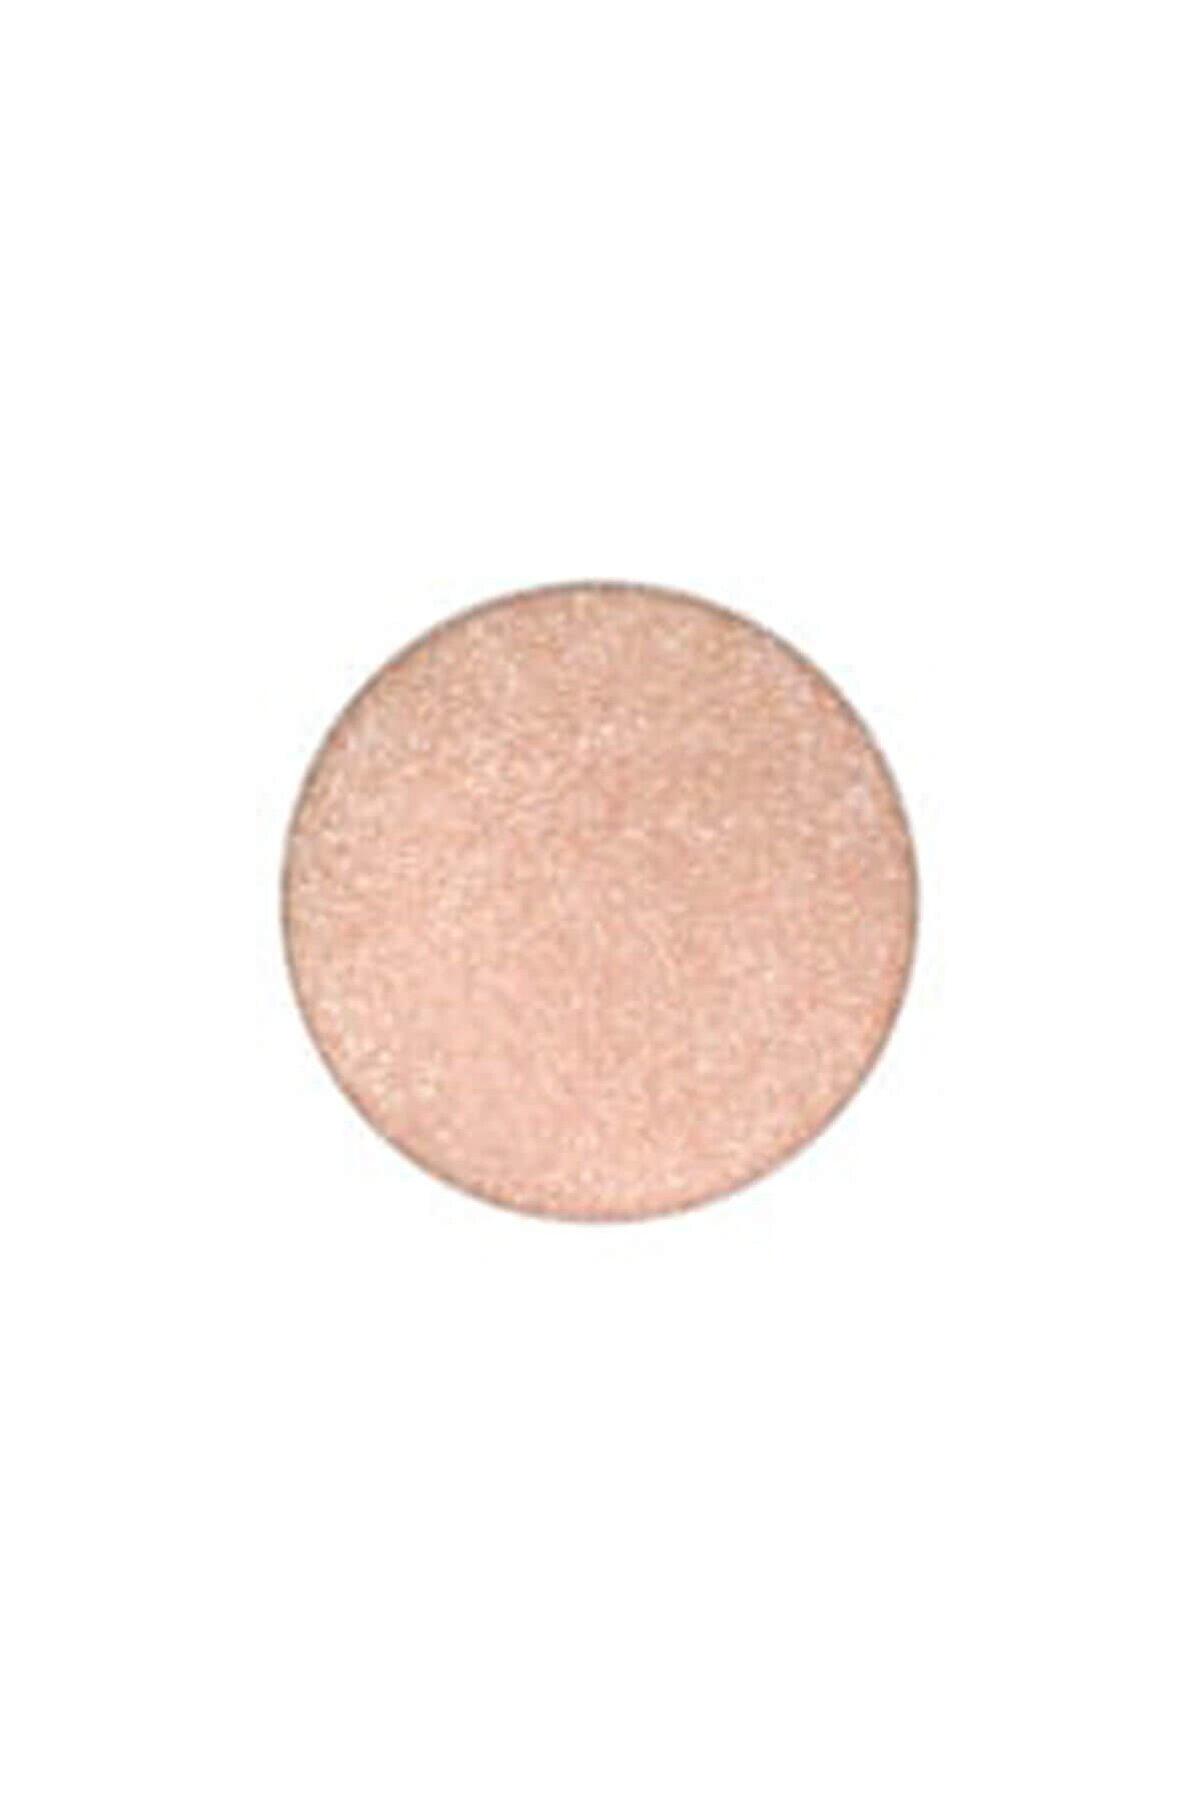 Mac Göz Farı - Refill Far Honey Lust 1.5 g 773602060023